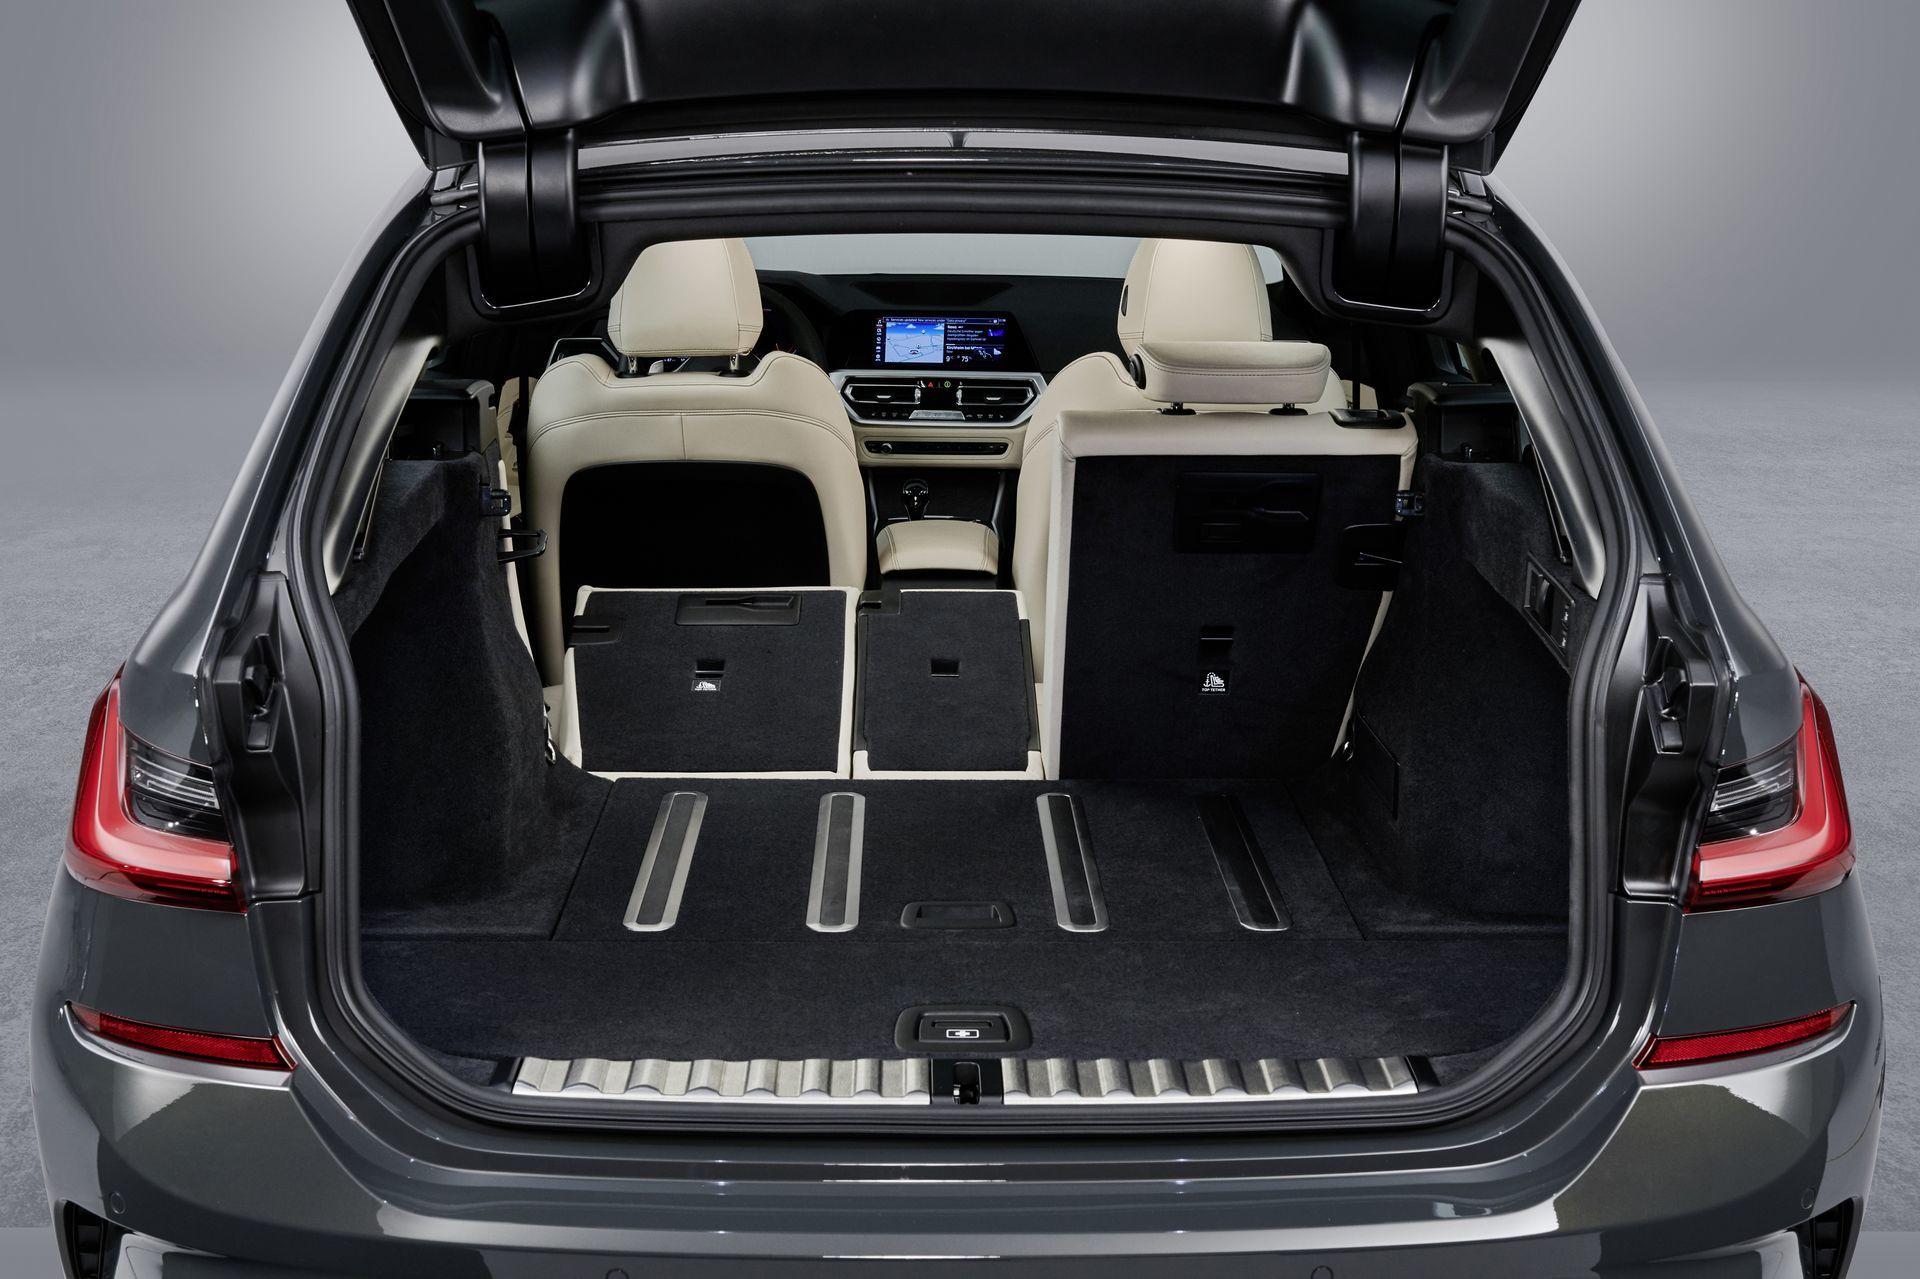 Bmw Serie 3 Touring 2020 2 Maletero